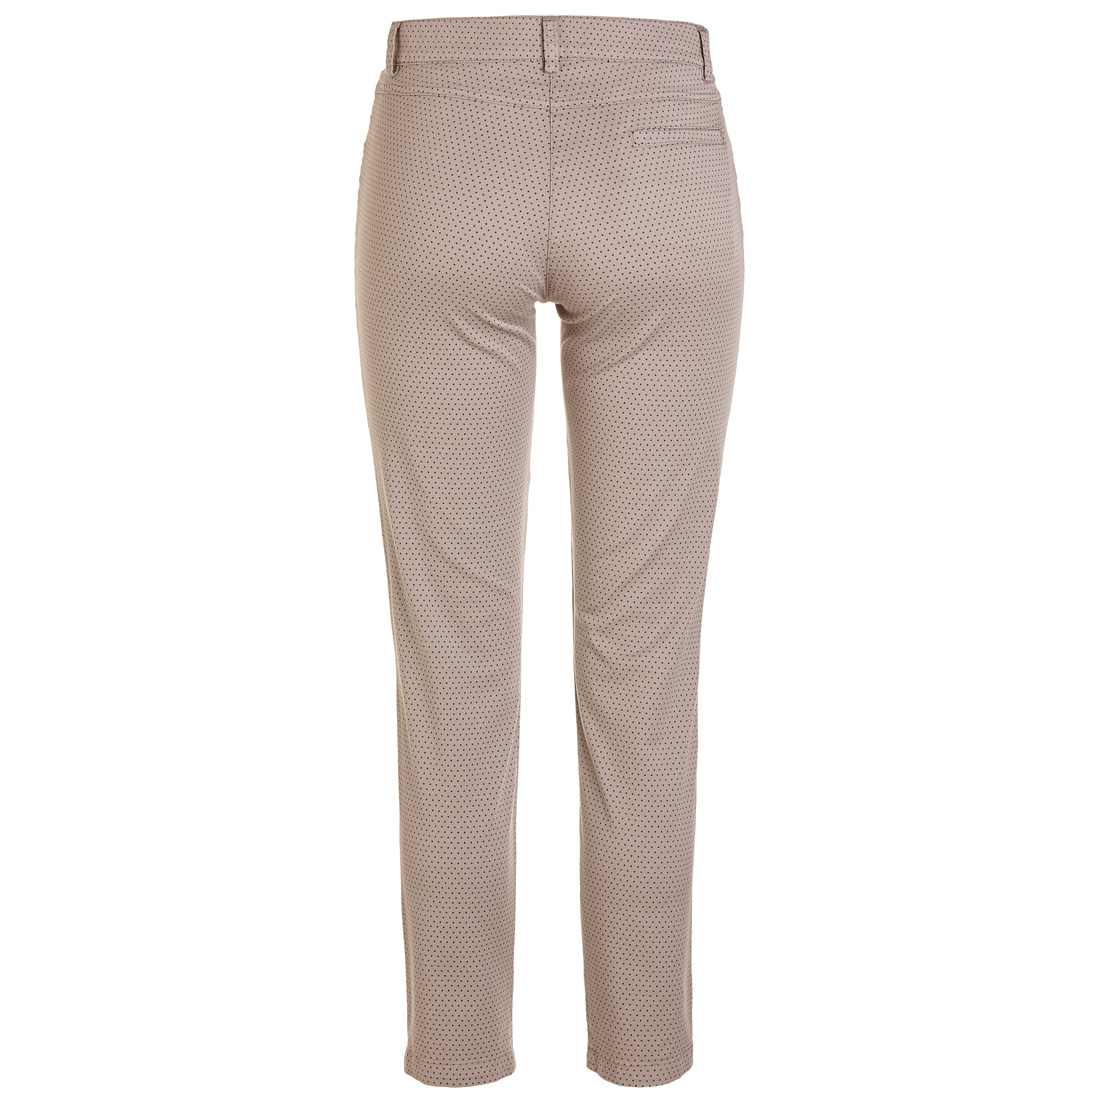 Slim Fit Damen Golfhose mit Allover-Print und hohem Baumwollanteil